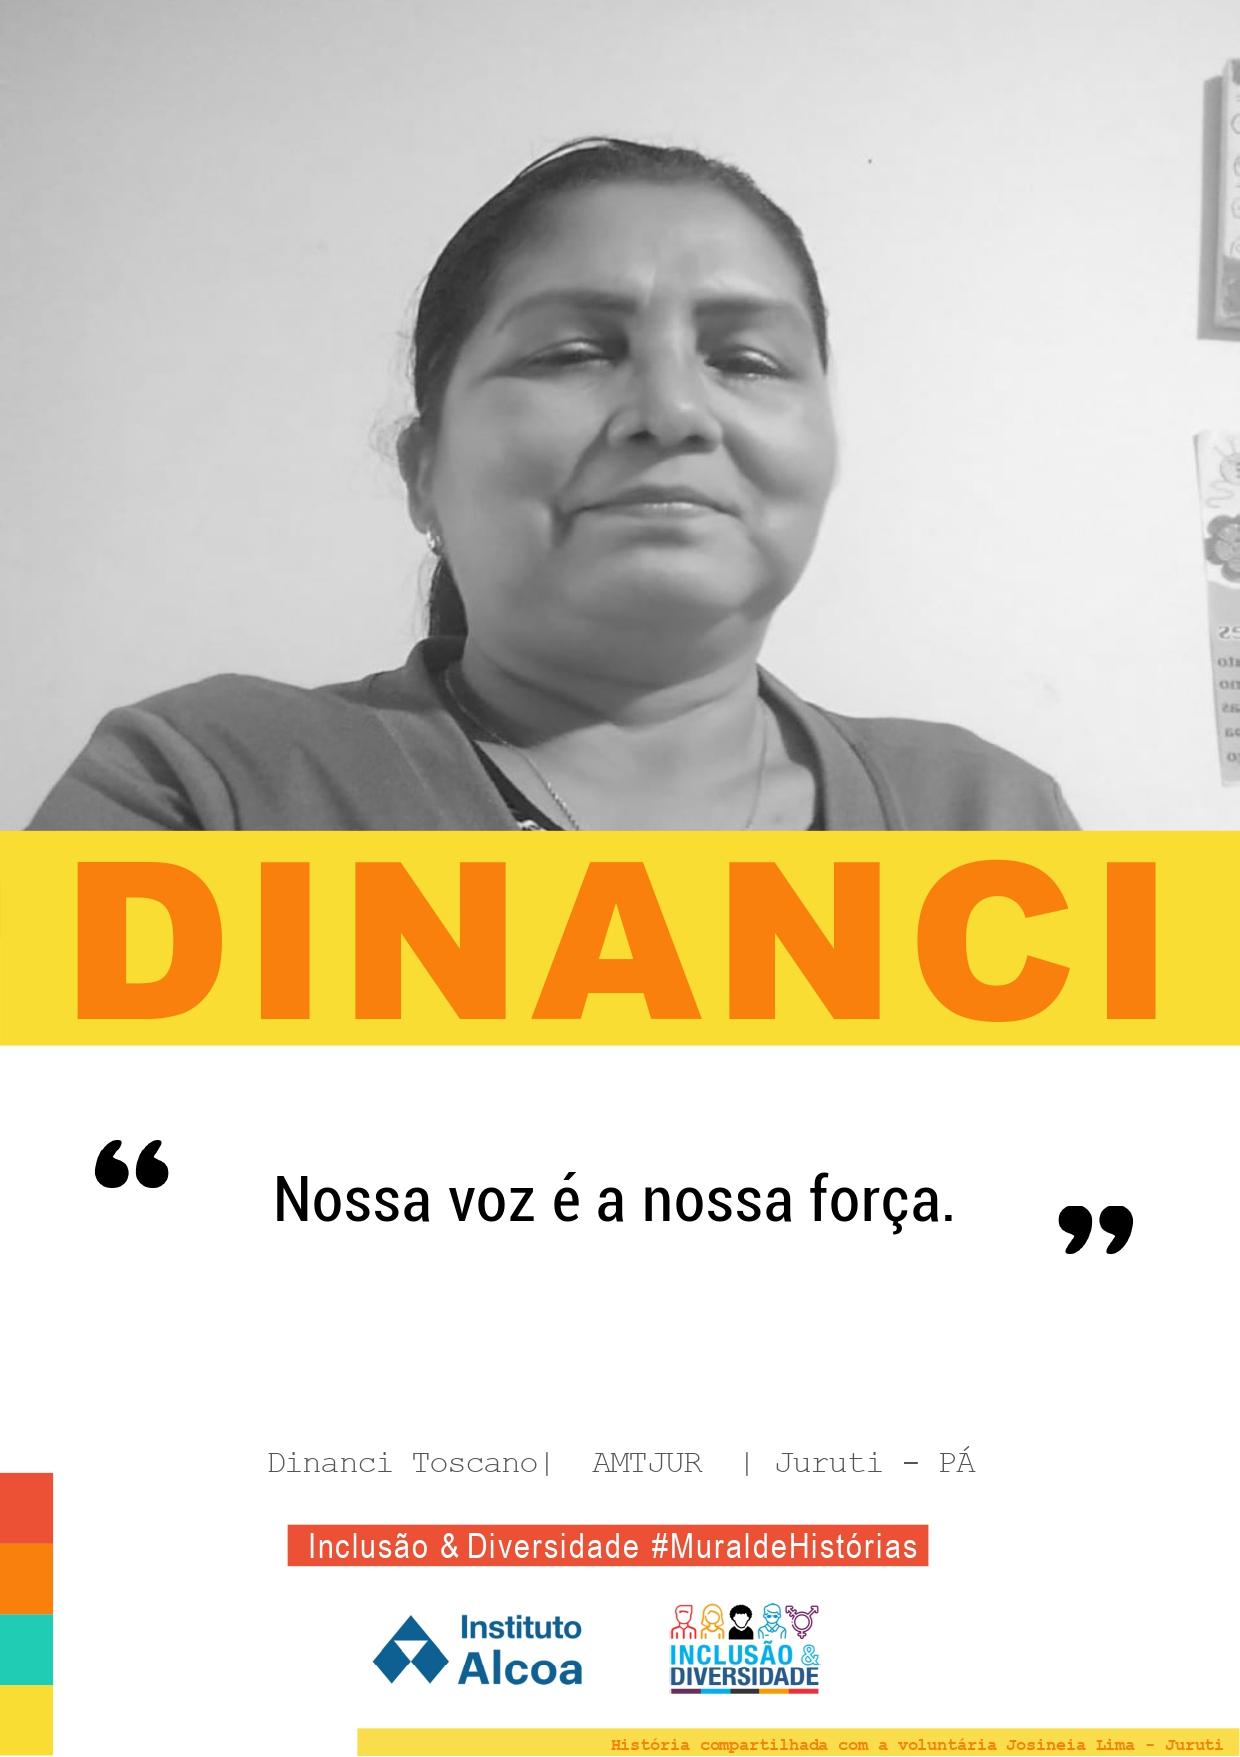 Histórias de inclusão e diversidade são retratadas por colaboradores da Alcoa